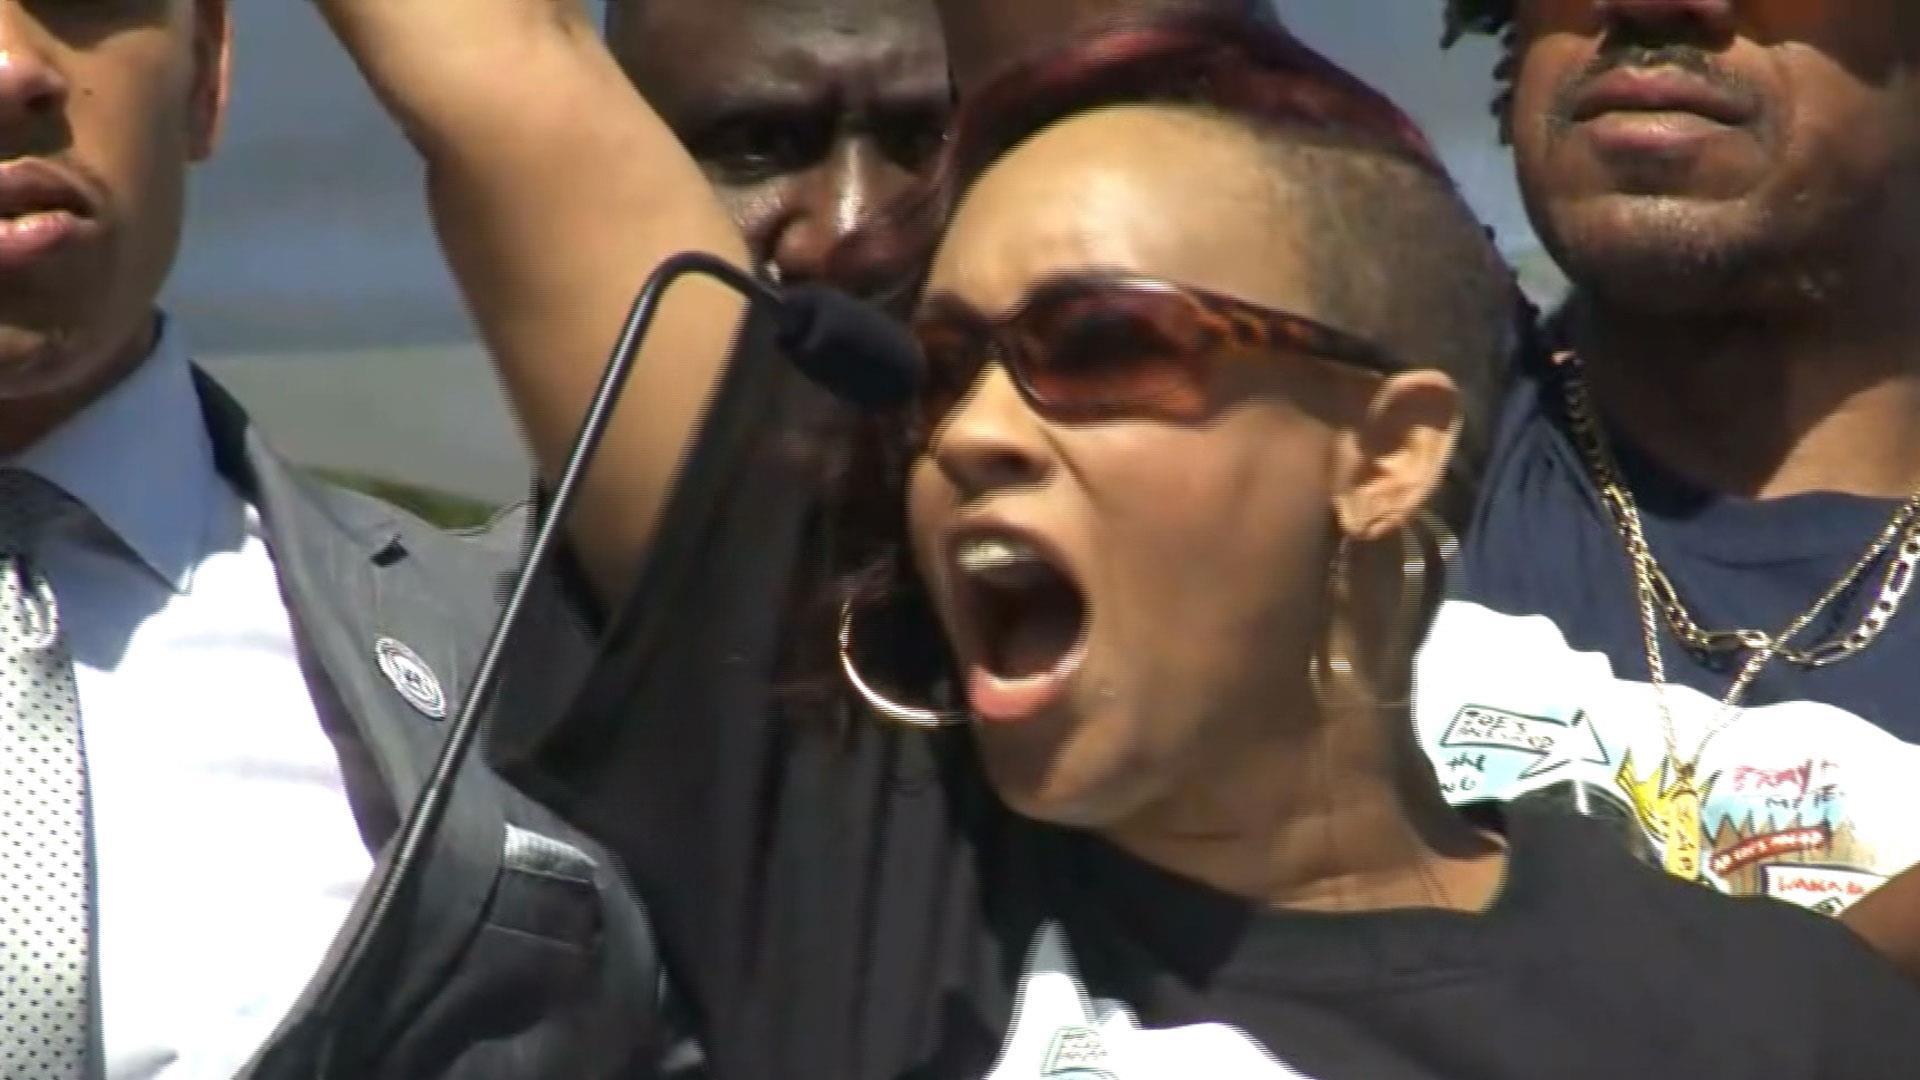 Stephon Clark's family speaks out at Sacramento rally Stephon Clark